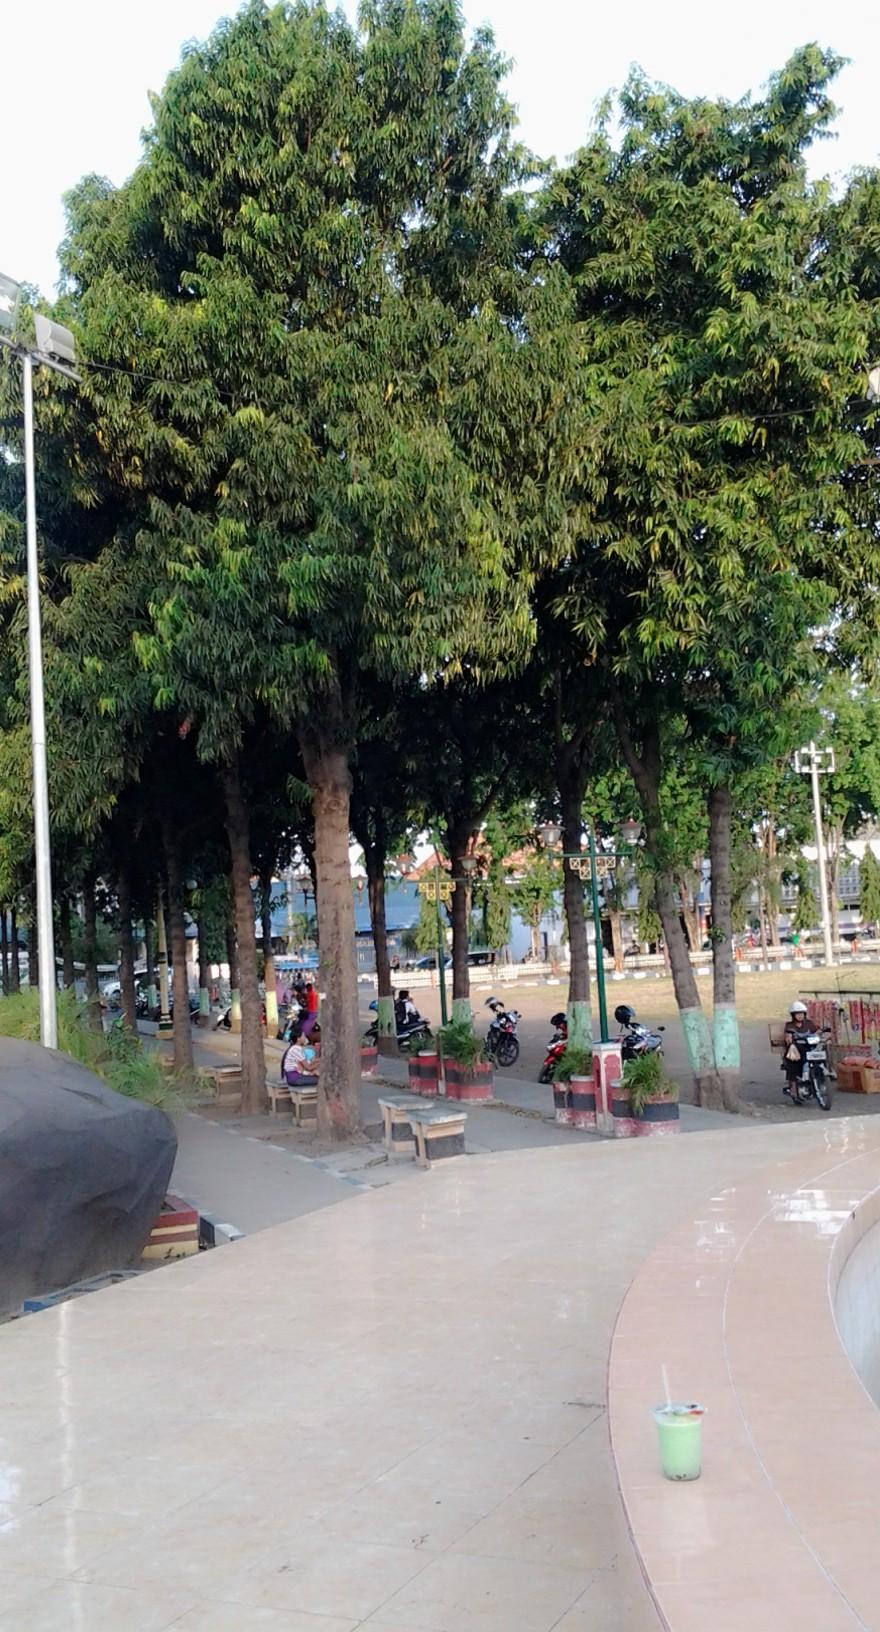 Taman Kota Alun Situbondo Hening Blog Fungsi Ekologis Terletak Ditengah